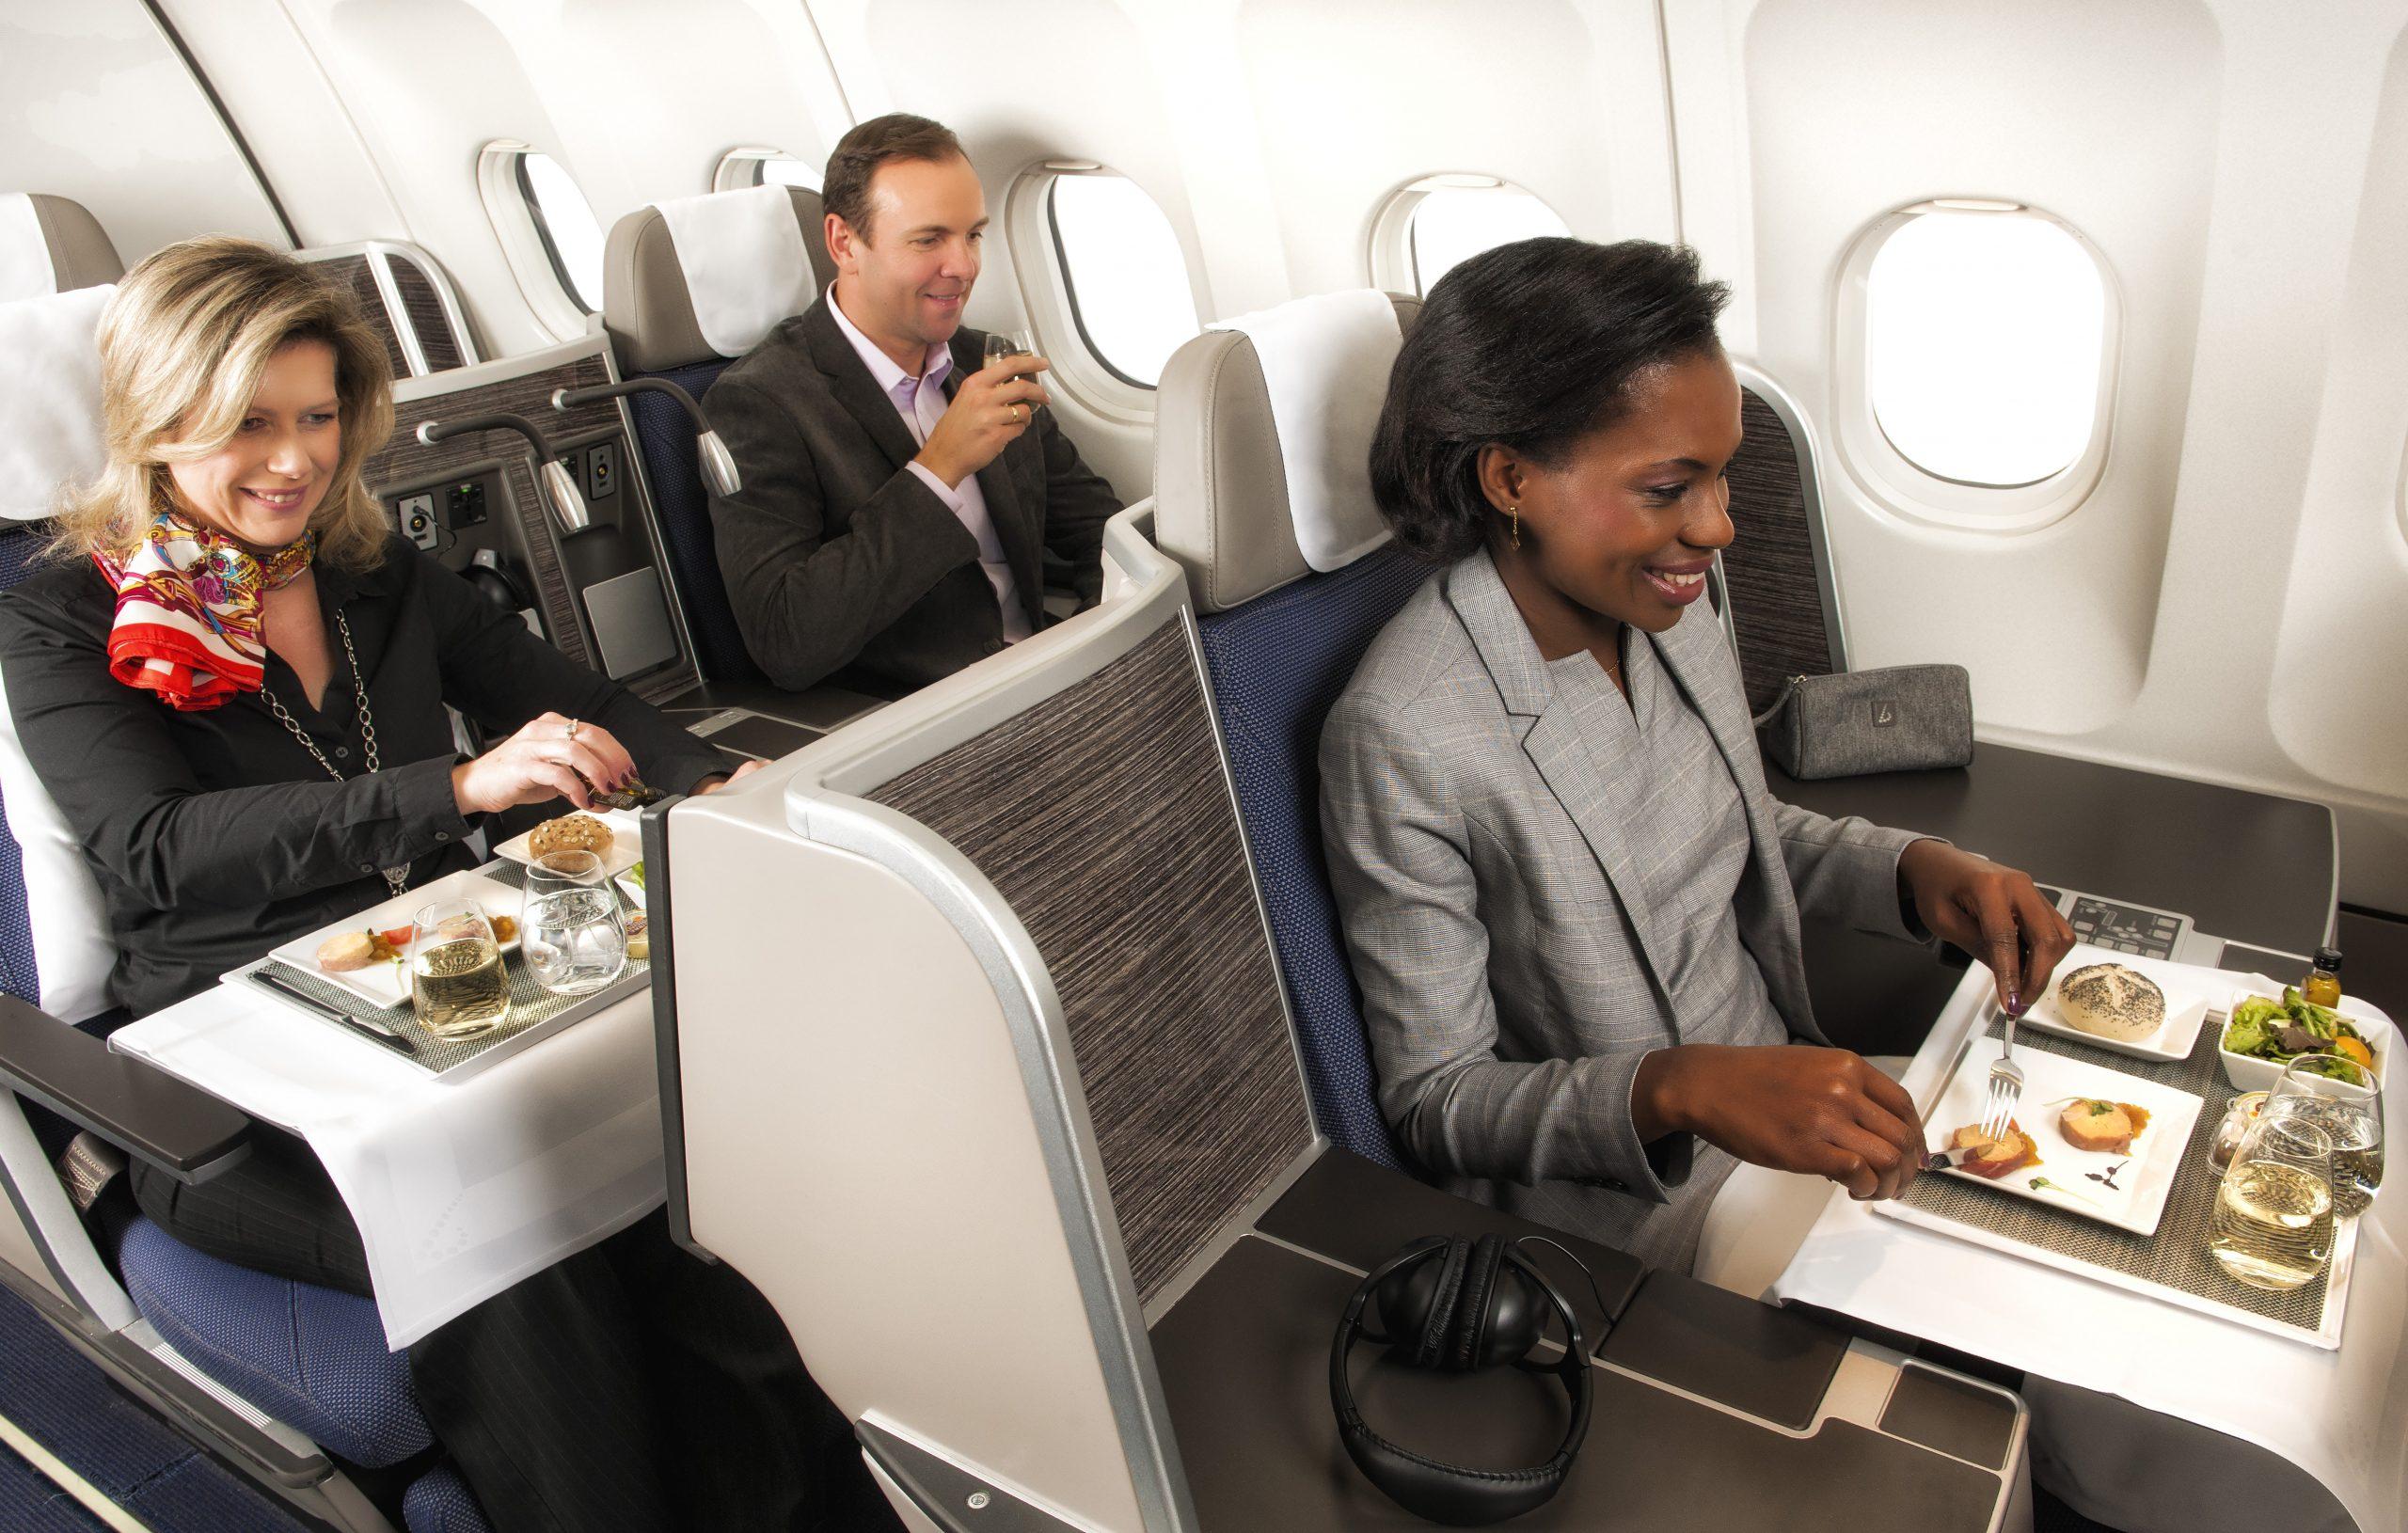 Brussels Airlines har en rigtig god business class, den benyttede en ung belgisk hacker til at få fløjet sig og to venner til New York. Pressefoto fra Brussels Airlines, personerne har ikke noget med sagen at gøre.